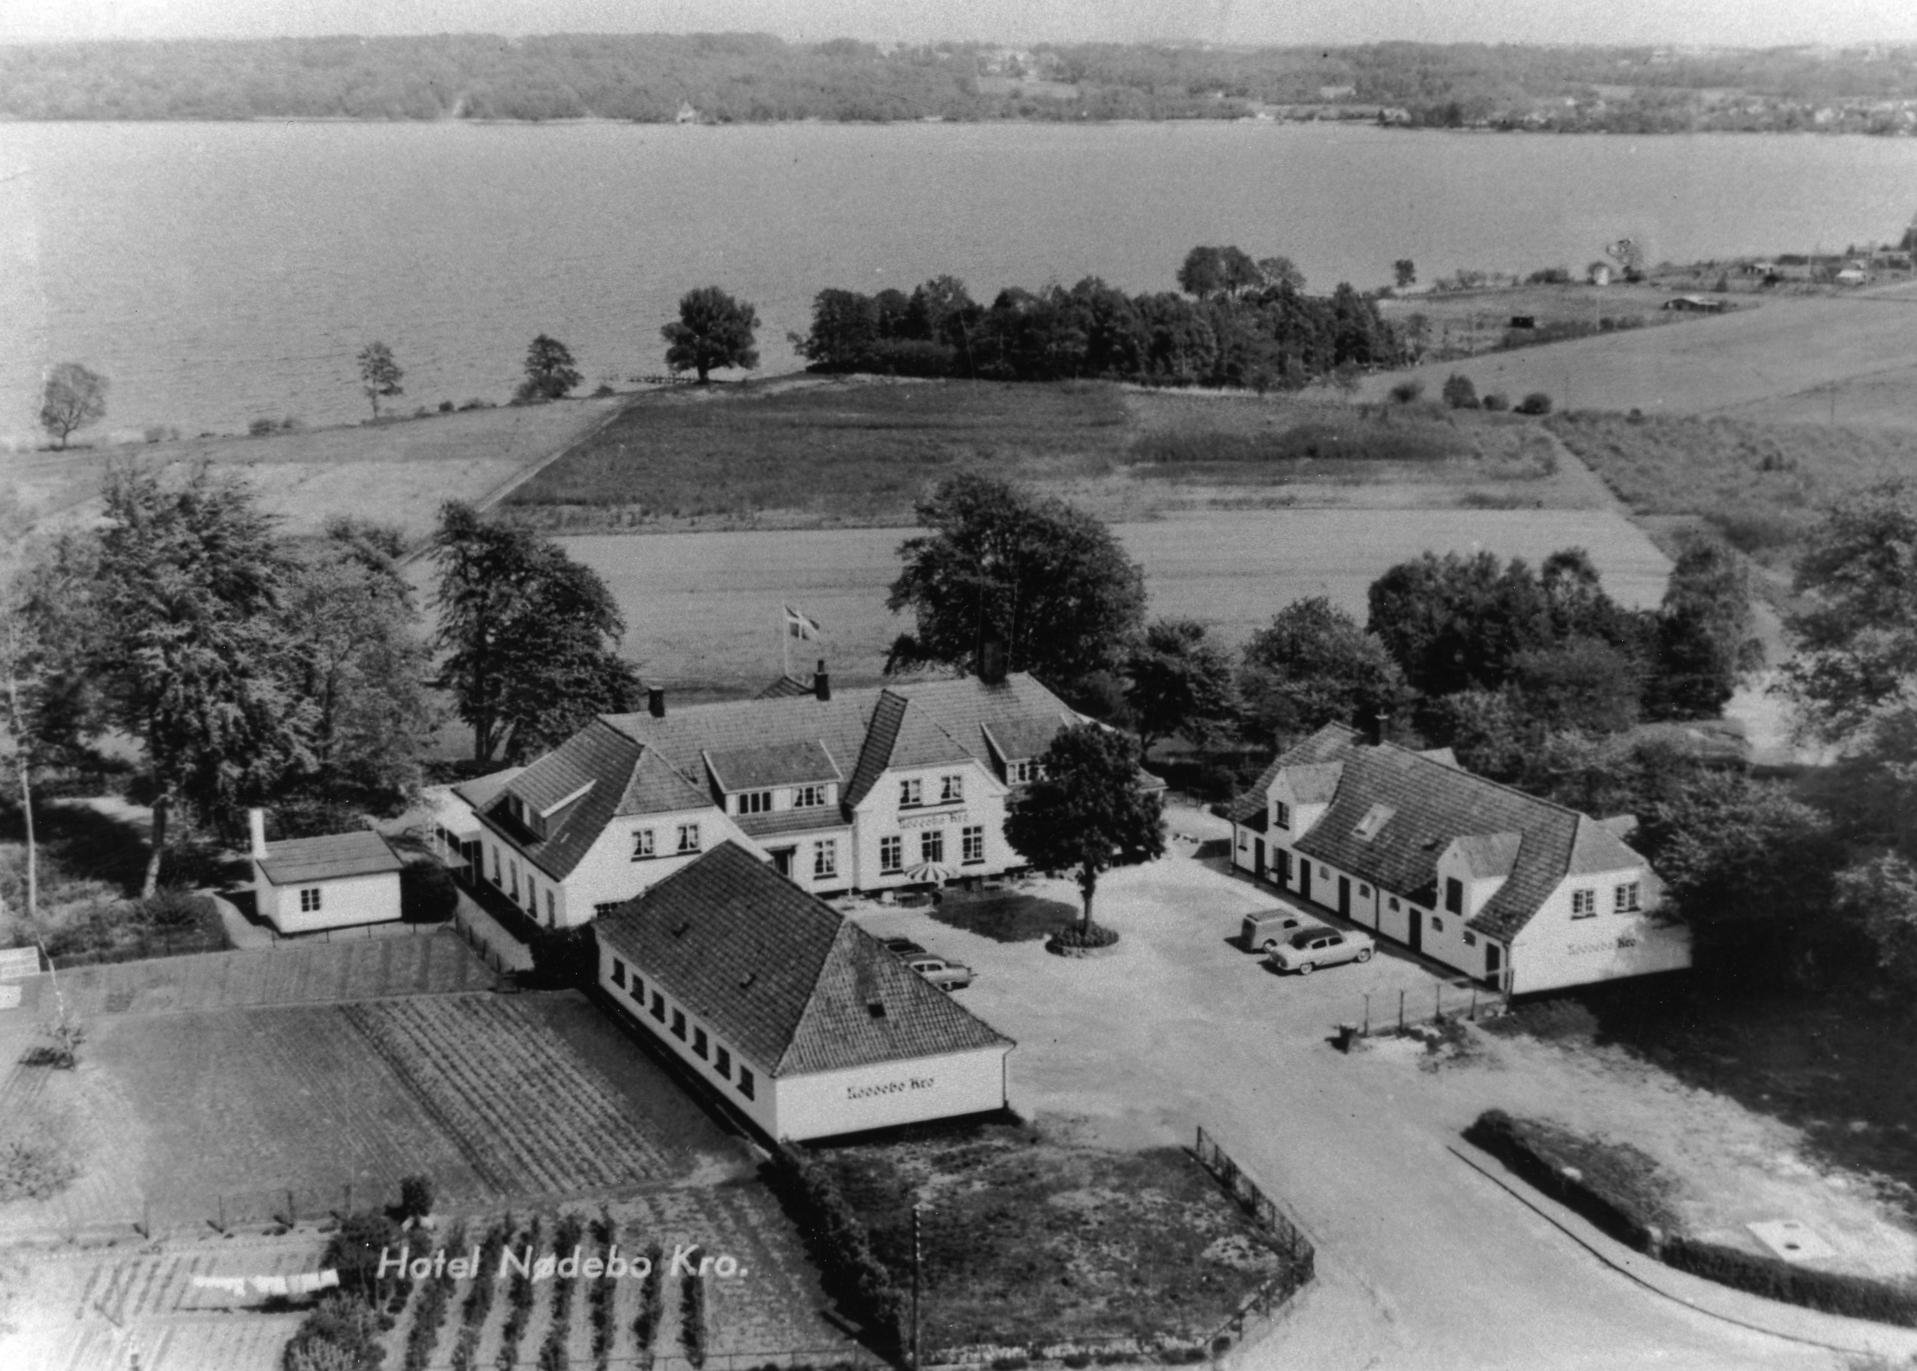 Luftfoto af Nødebo Kro, 1950